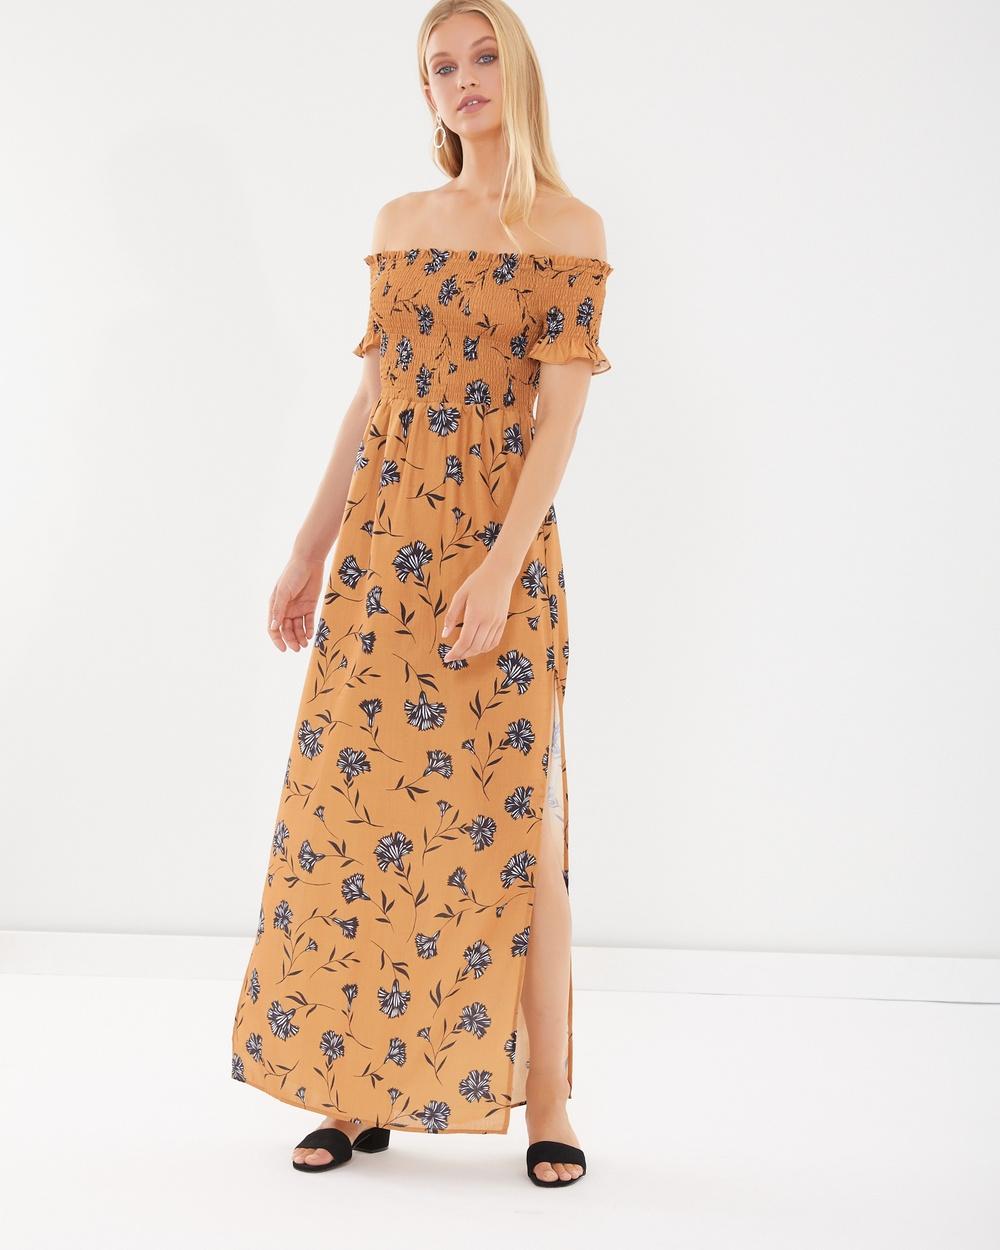 Calli Emmie Maxi Dress Dresses Belinda Mustard Floral Emmie Maxi Dress